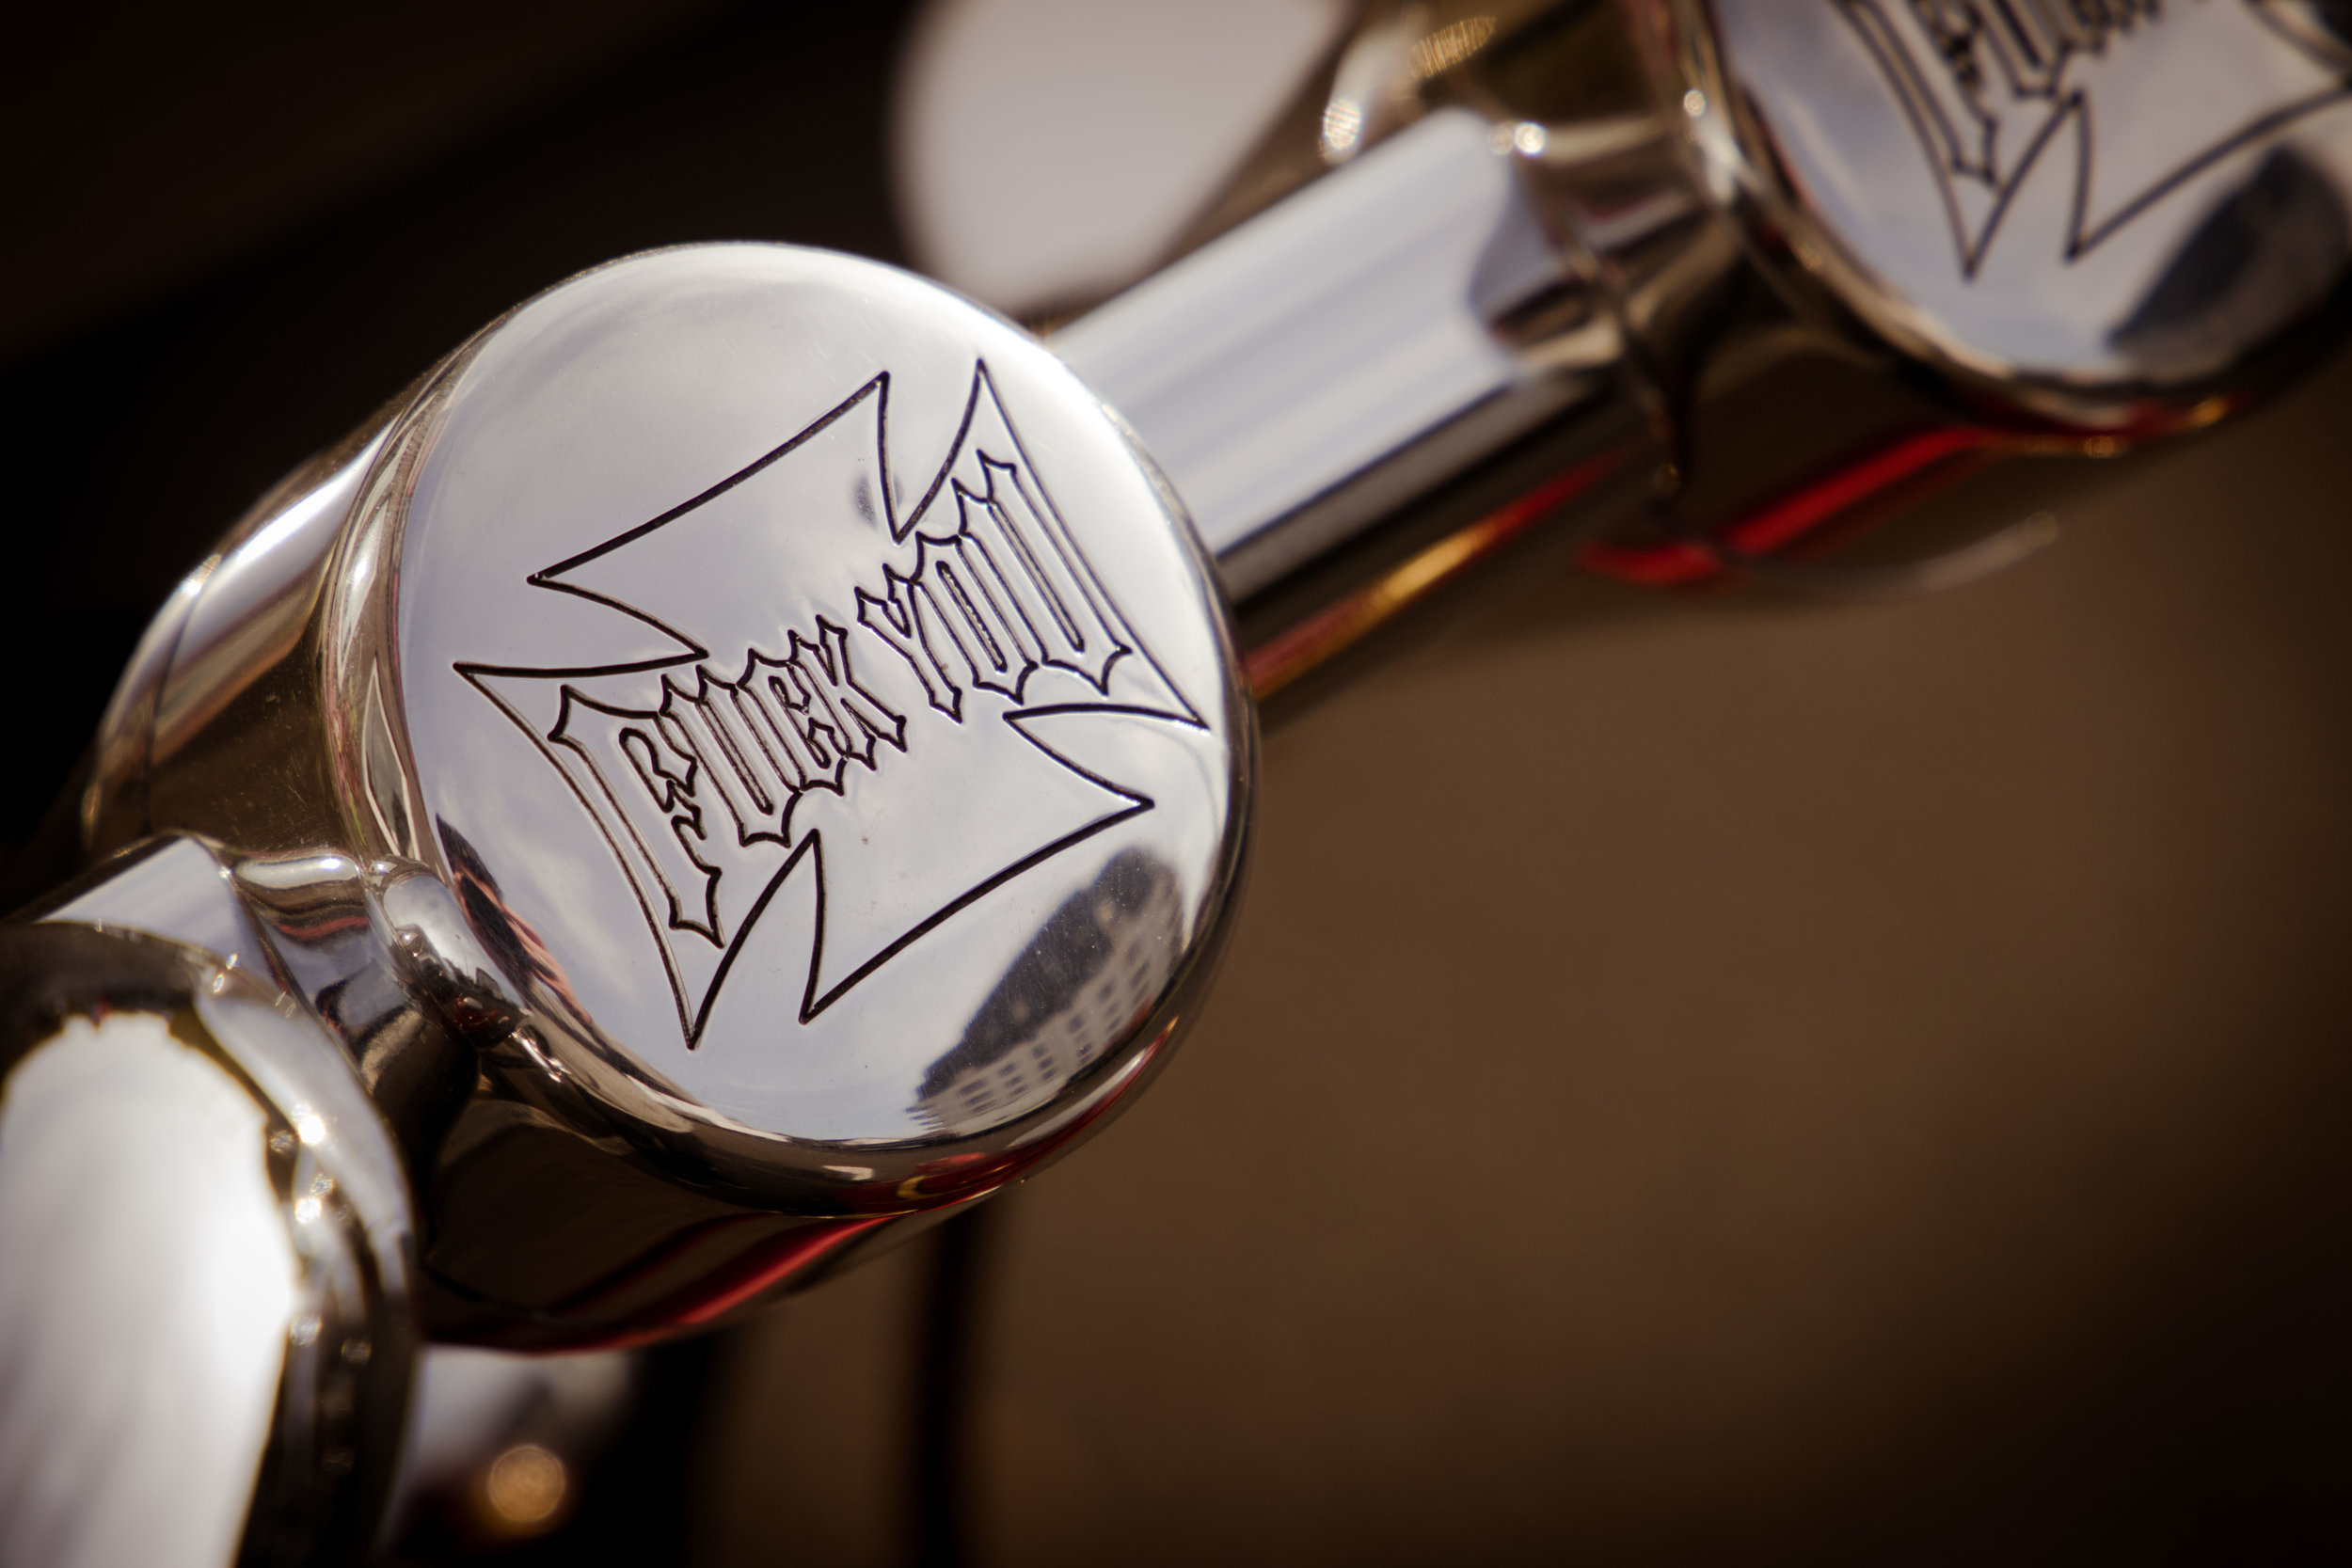 Deathfiled Choppers Bike-1561.jpg